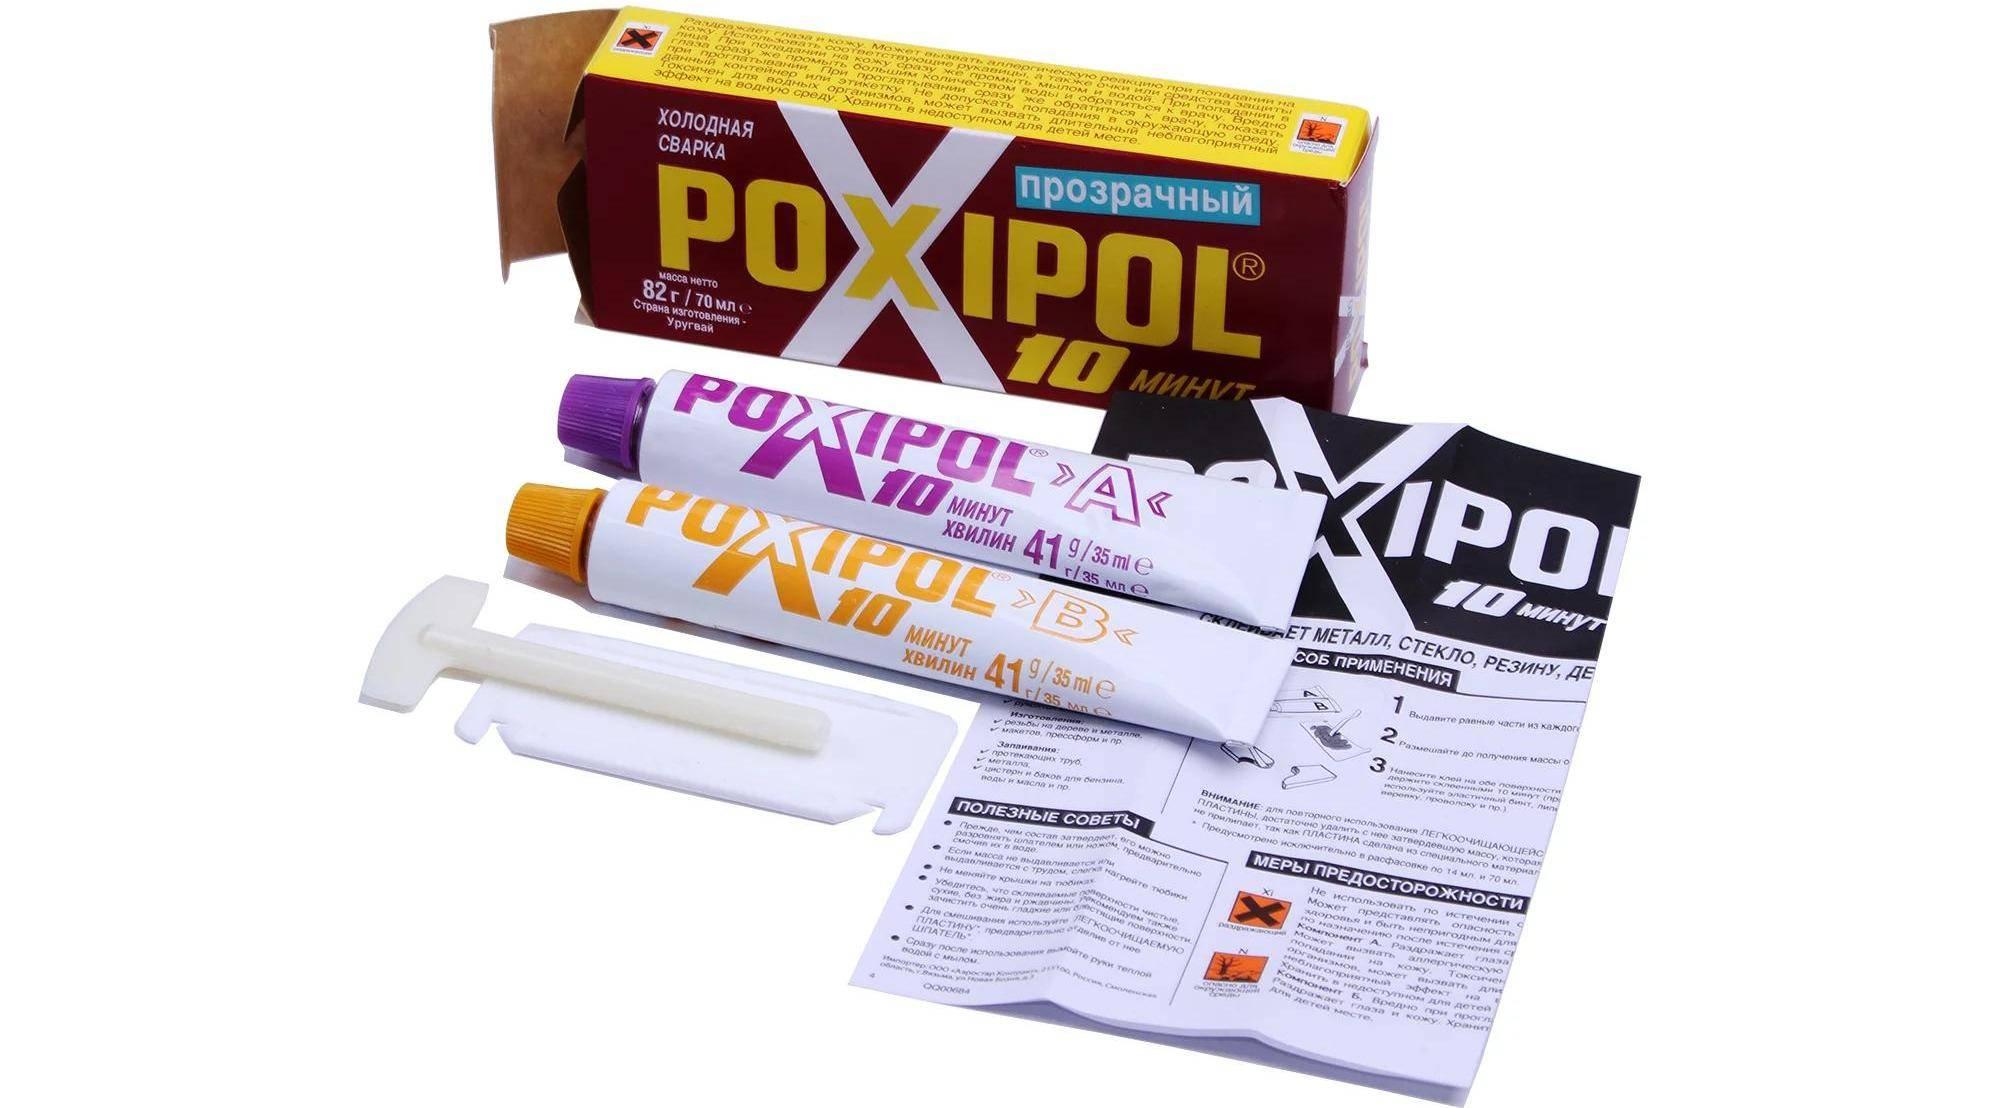 Как пользоваться клеем поксипол — poxipol